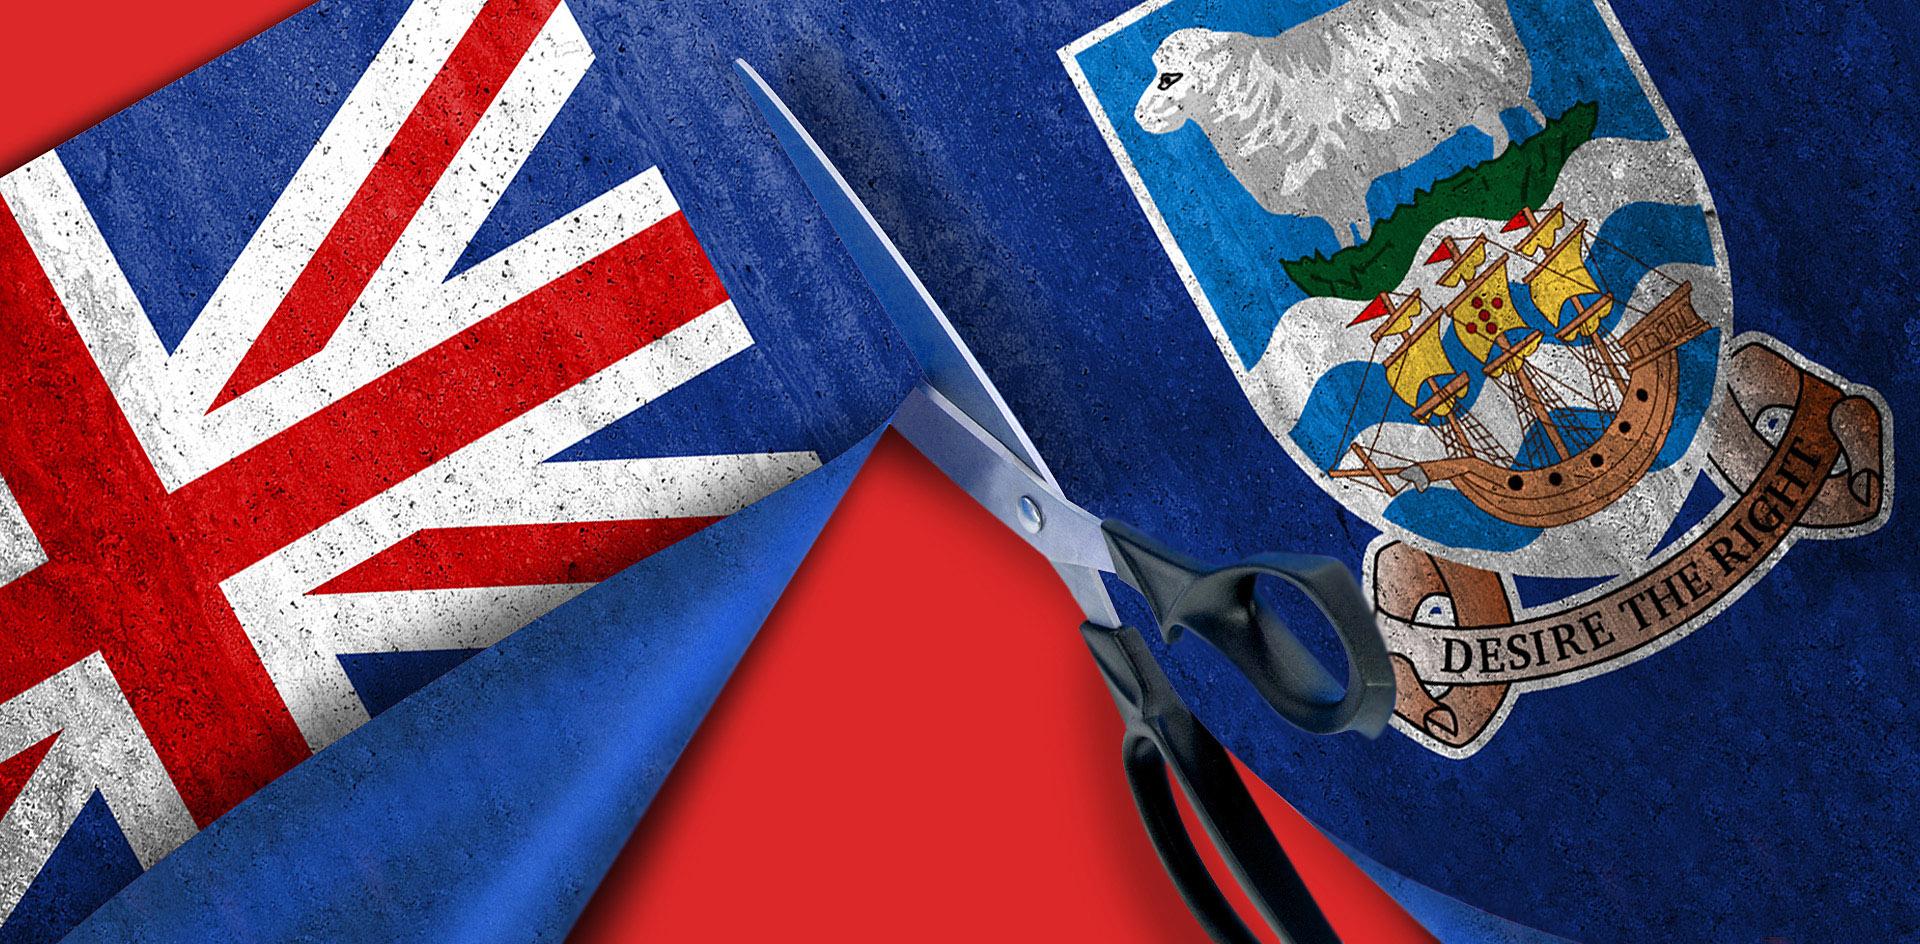 Почему Британия должна уйти с Фолклендских островов?